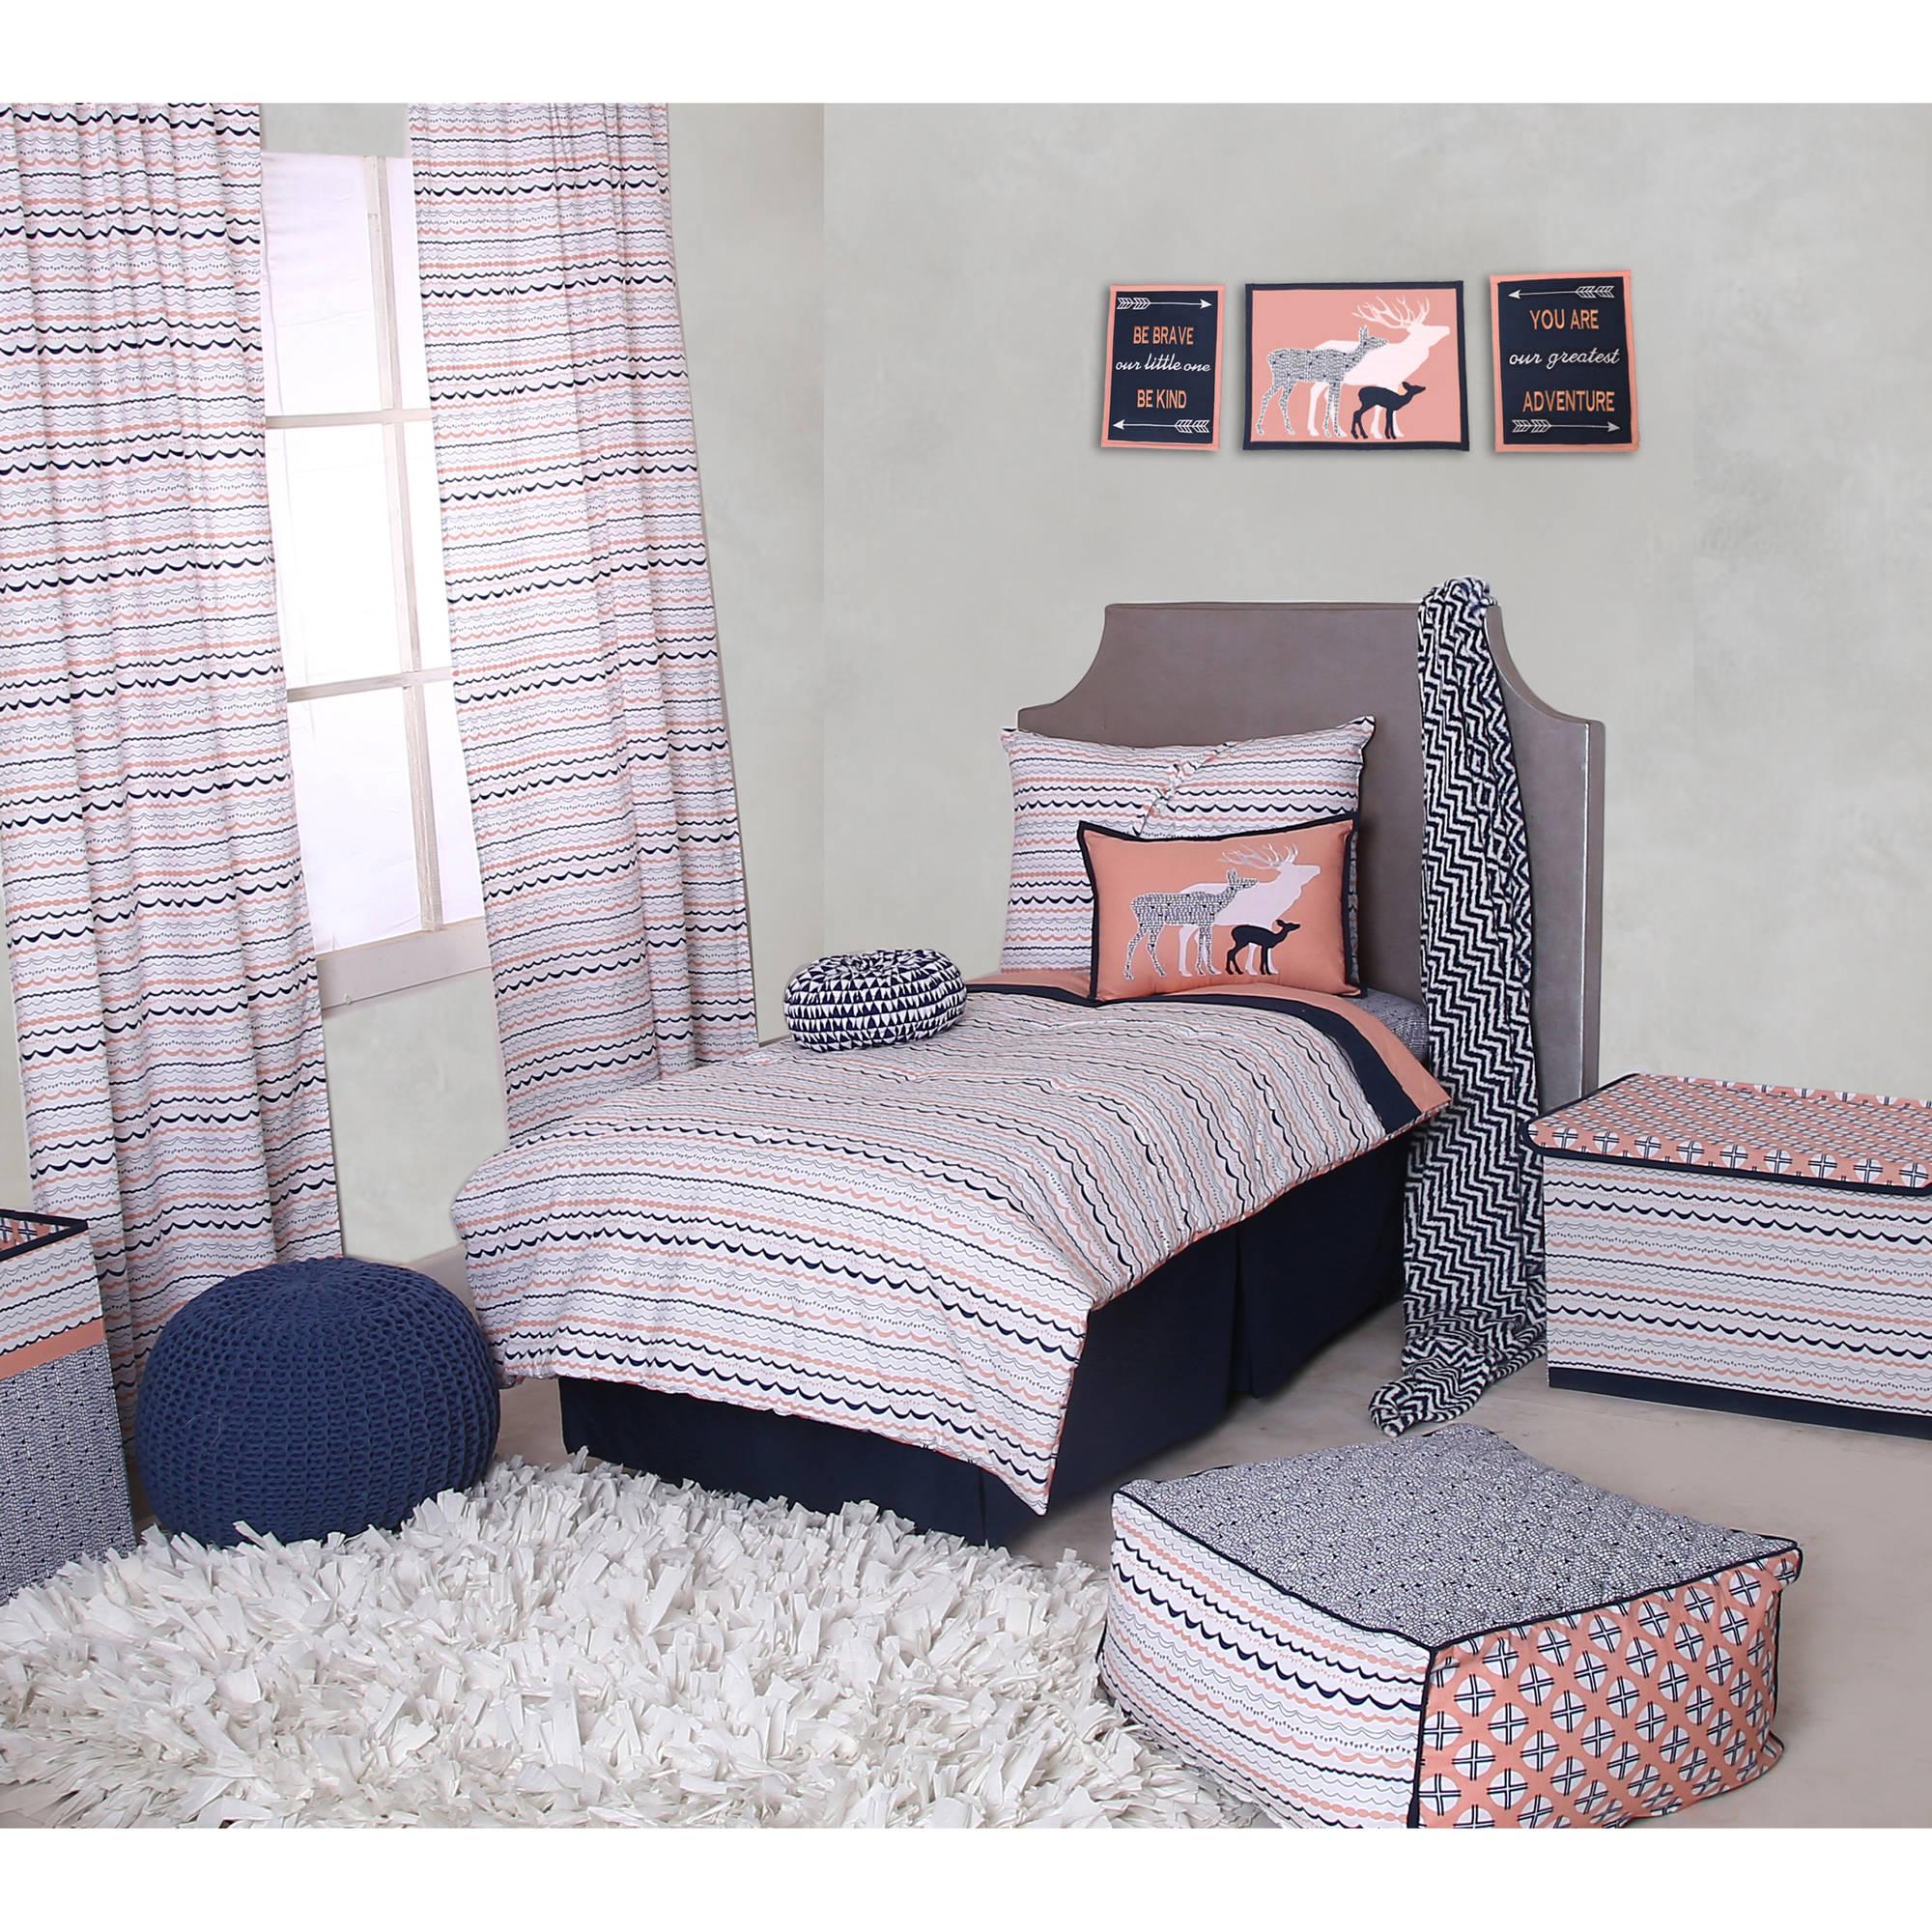 Bacati Elephants 3 Pc Toddler Bedding Sheet Set Pink//Grey